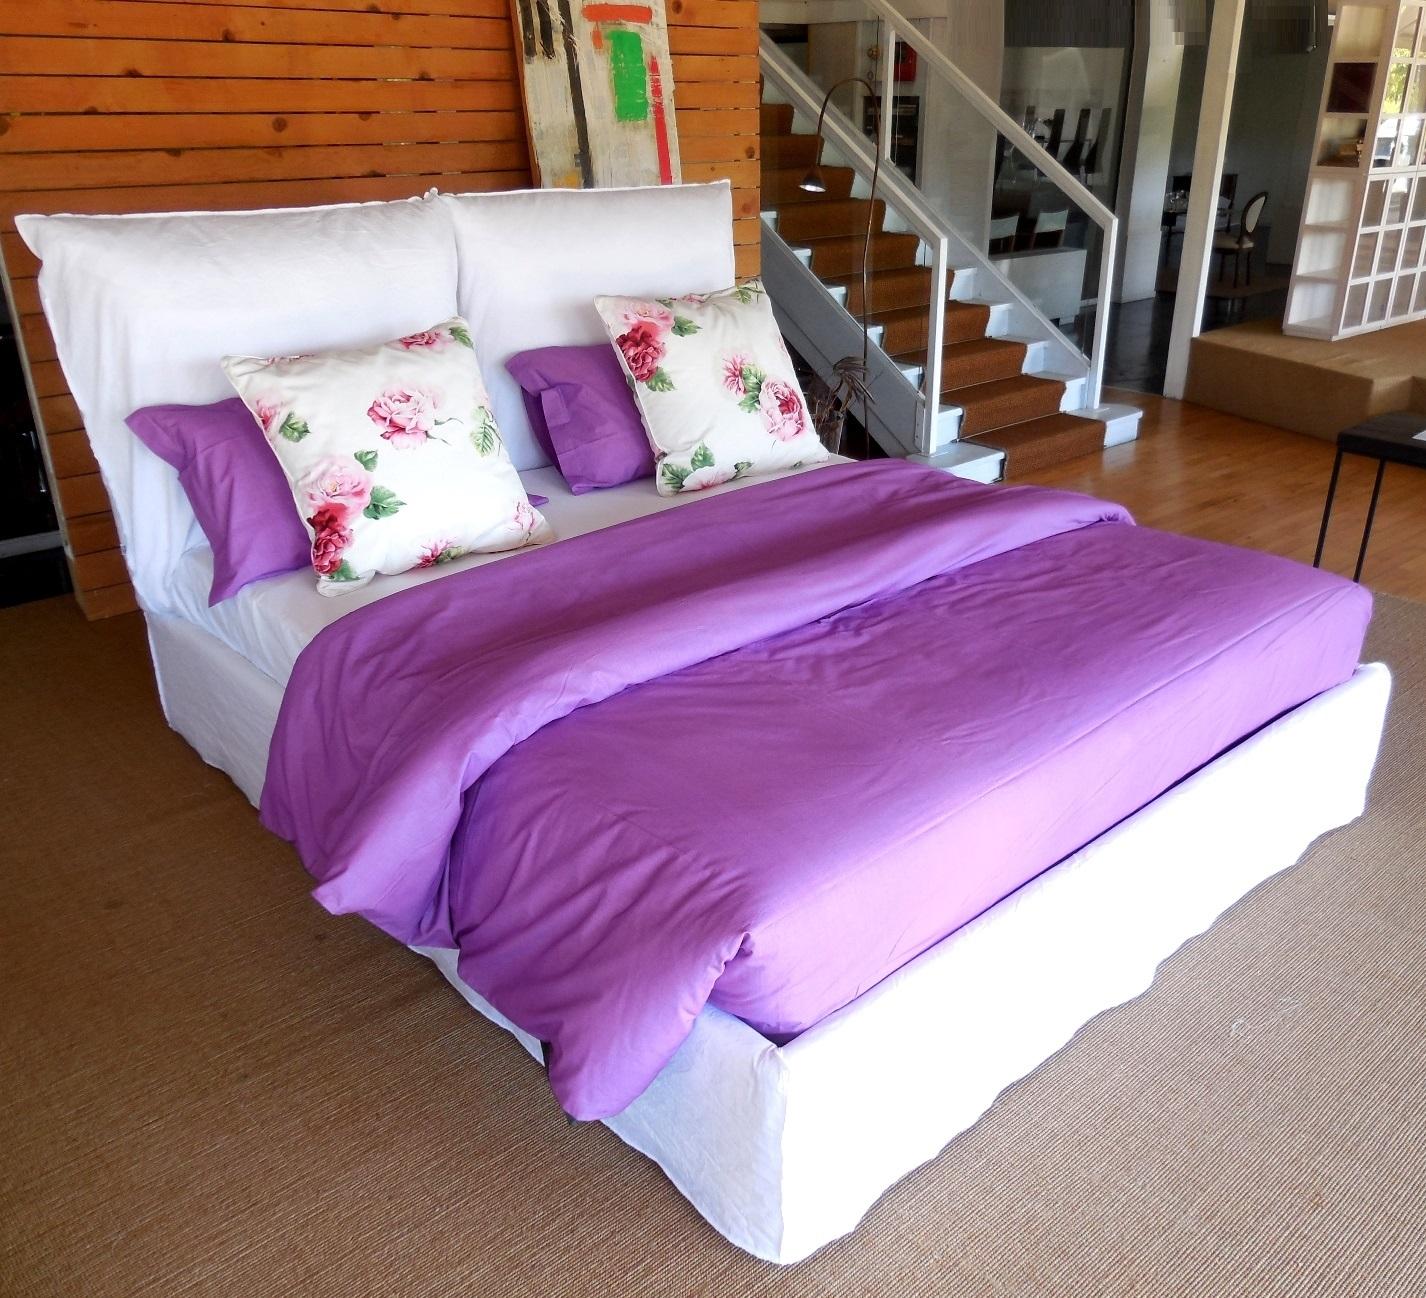 Camera da letto glicine camera glicine la camera da for Tende lilla glicine